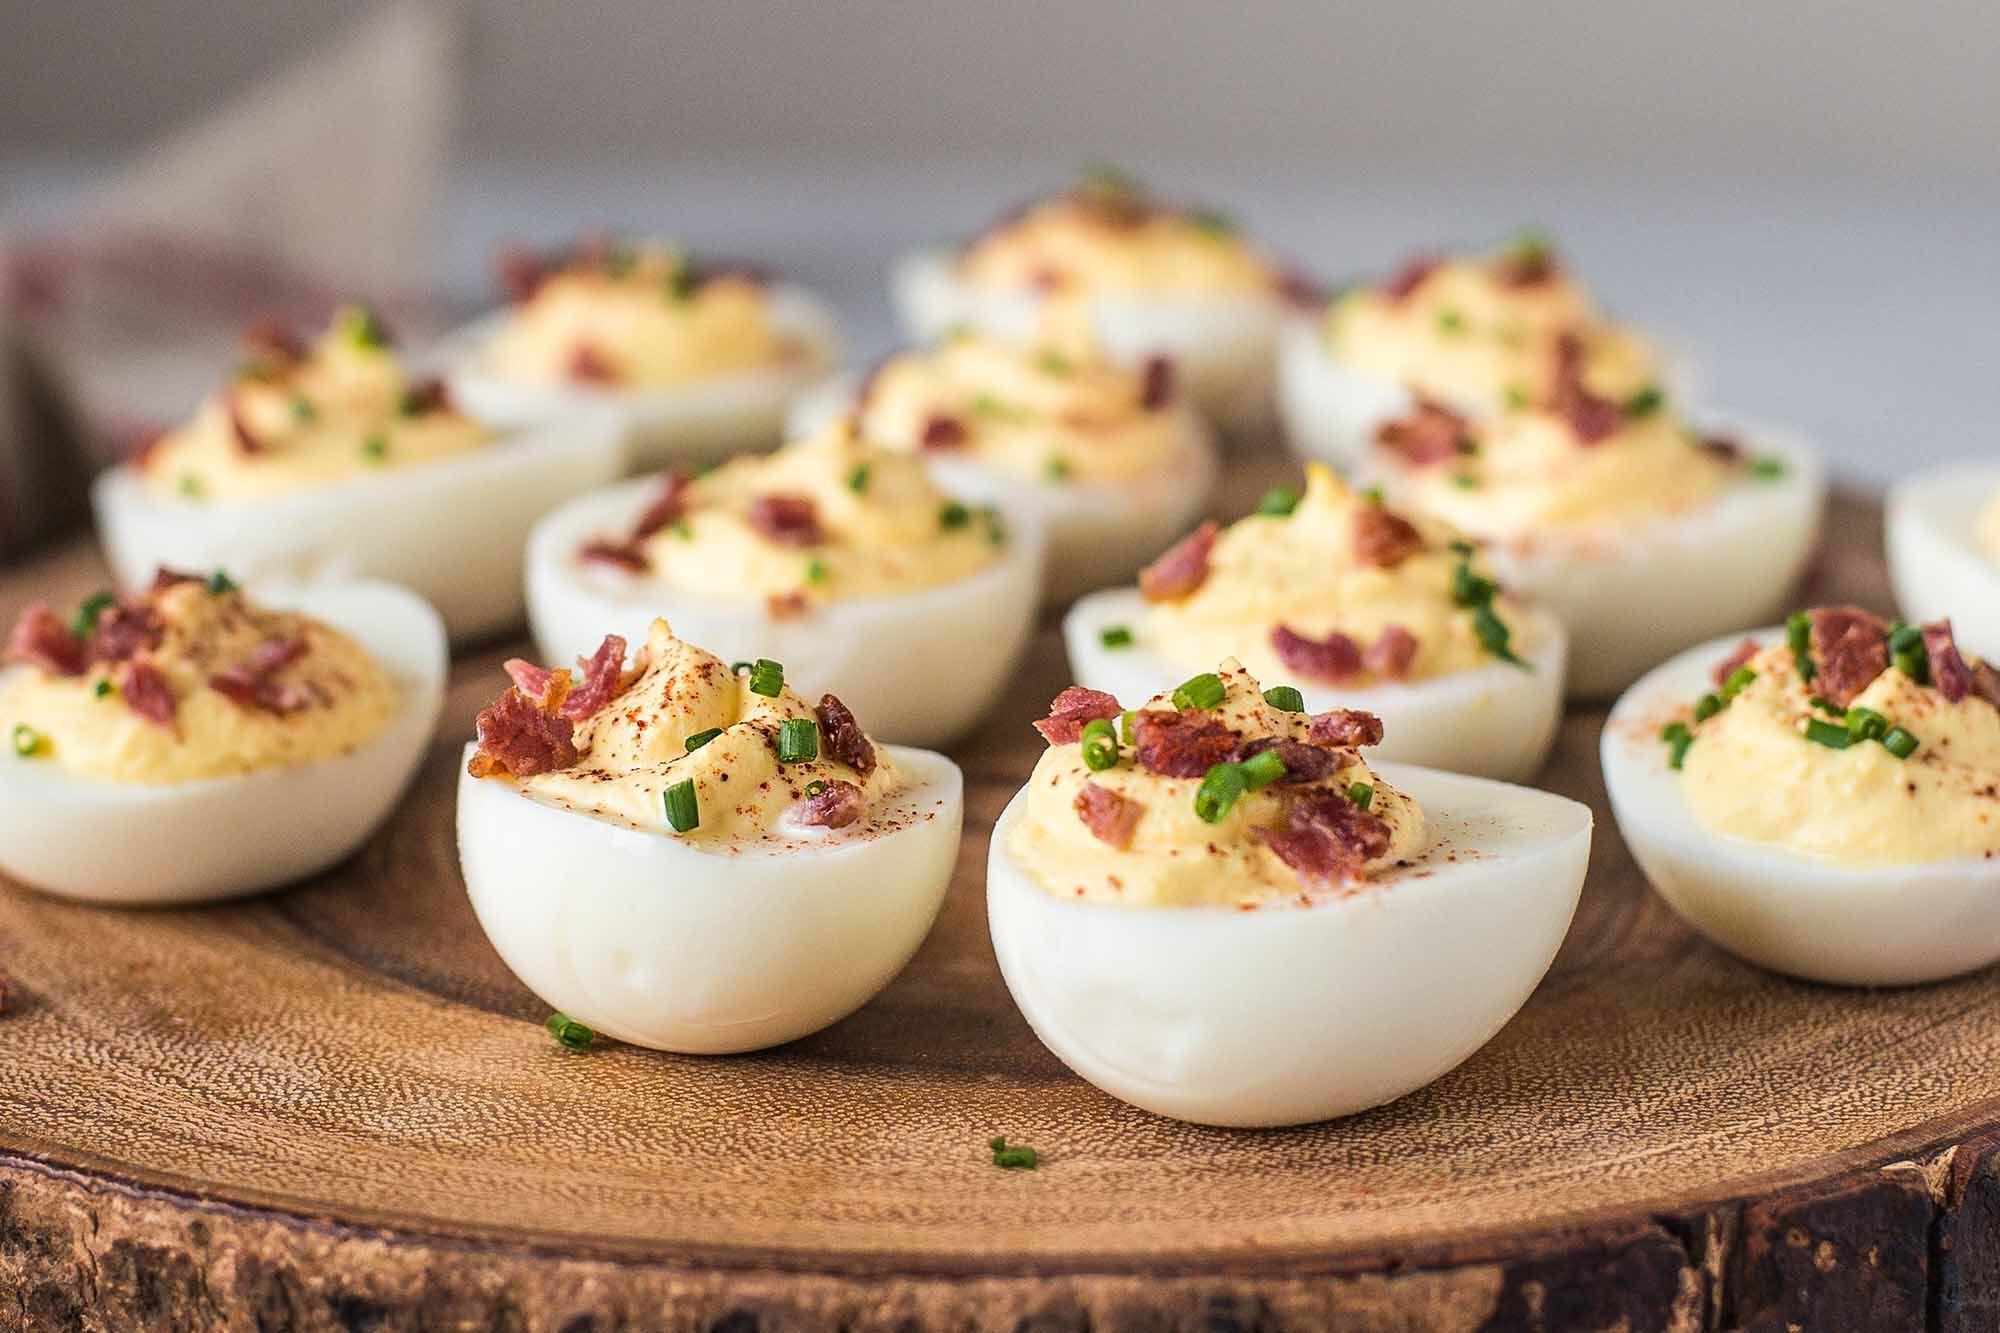 5 Olahan Telur yang Praktis & Menggiurkan, Cocok untuk Buka Puasa